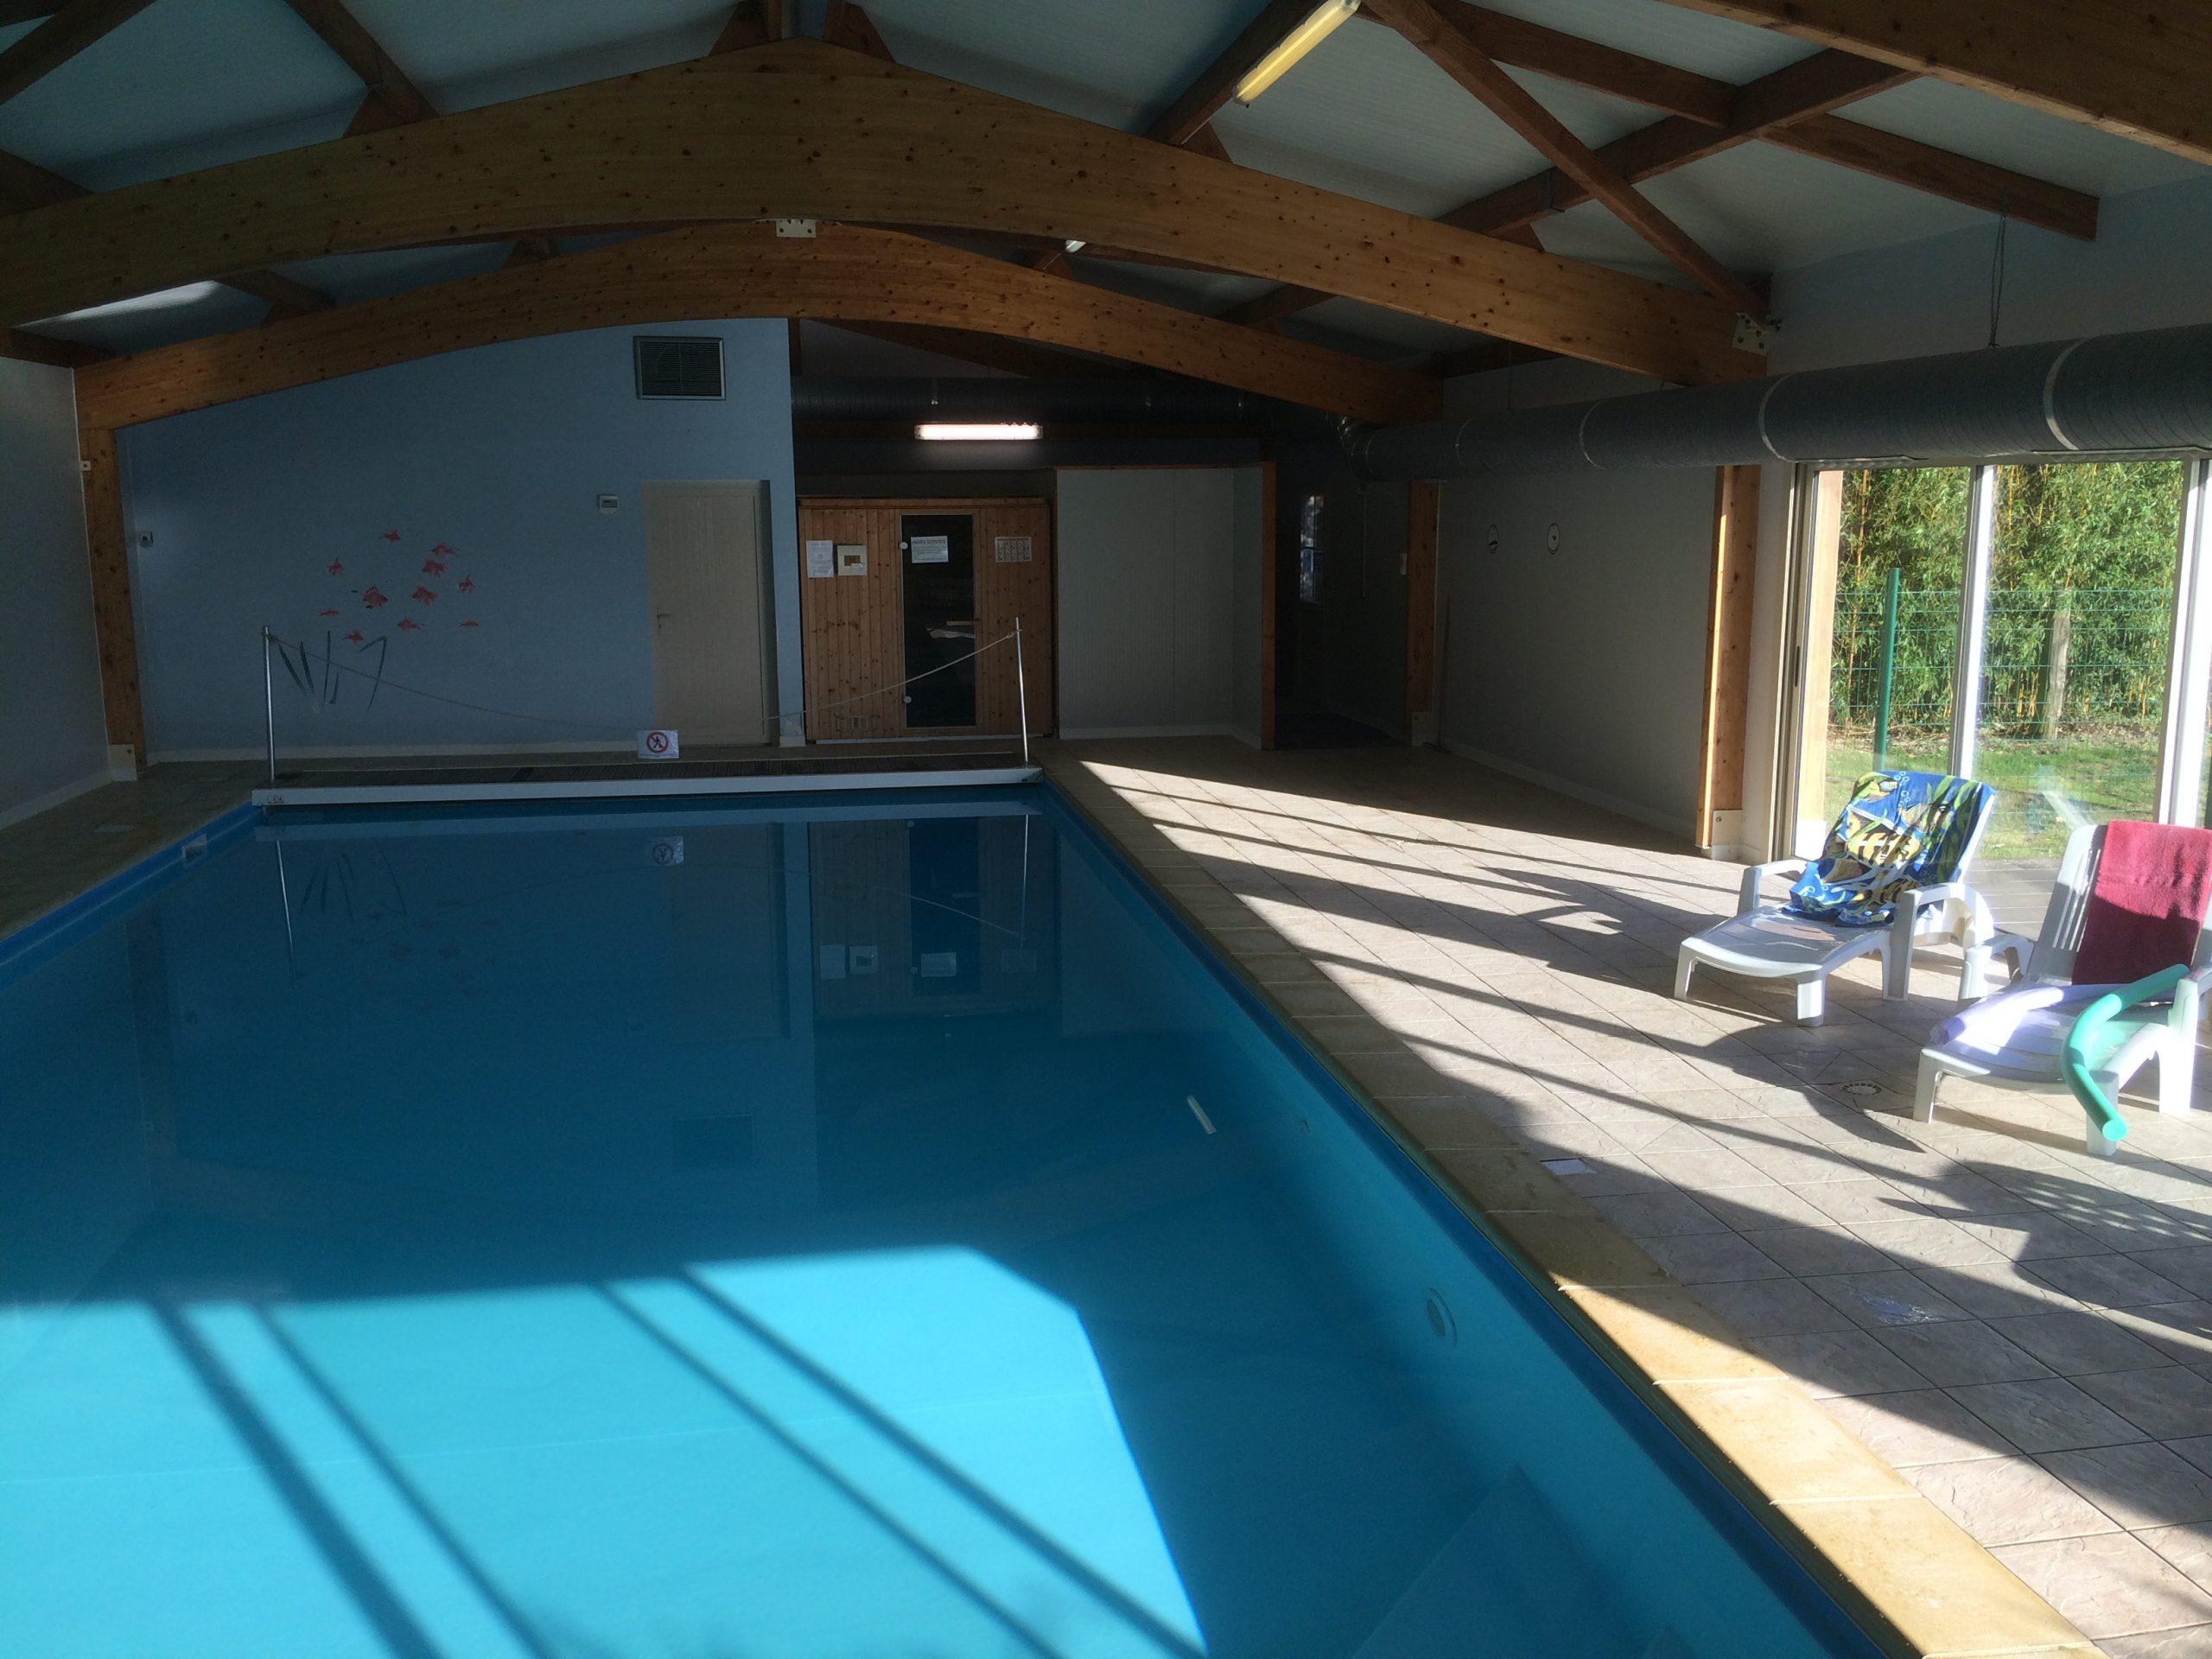 Gites Du Parc D'albosc - Gites En Normandie Grande Capacité ... intérieur Piscine Bolbec